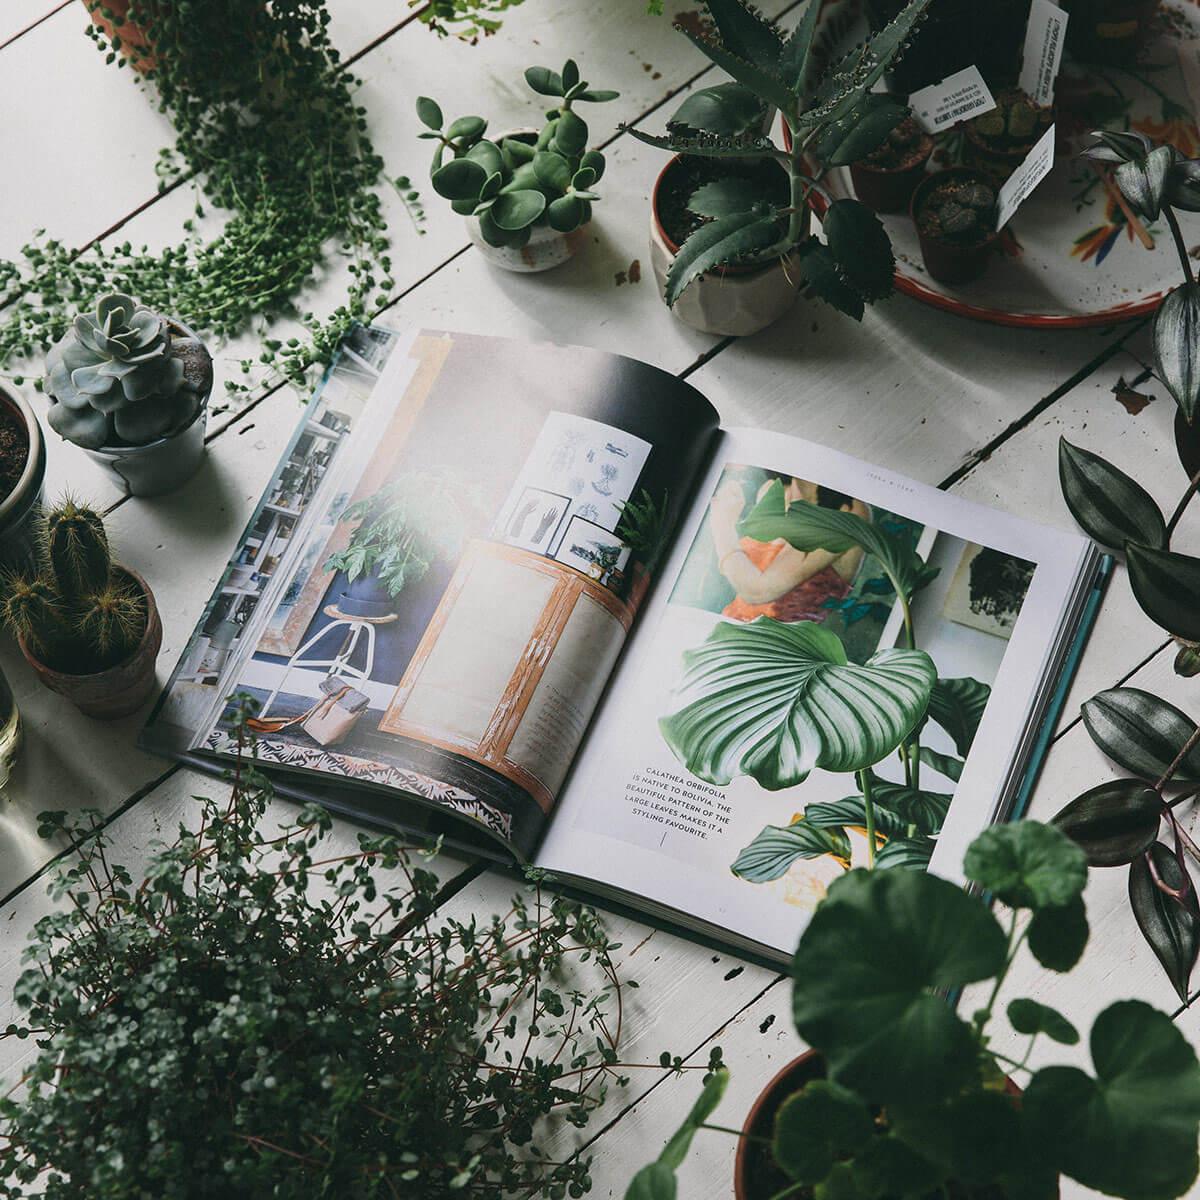 hangplanten erwtenplant en kamerplant blauwvaren hangend naast elkaar